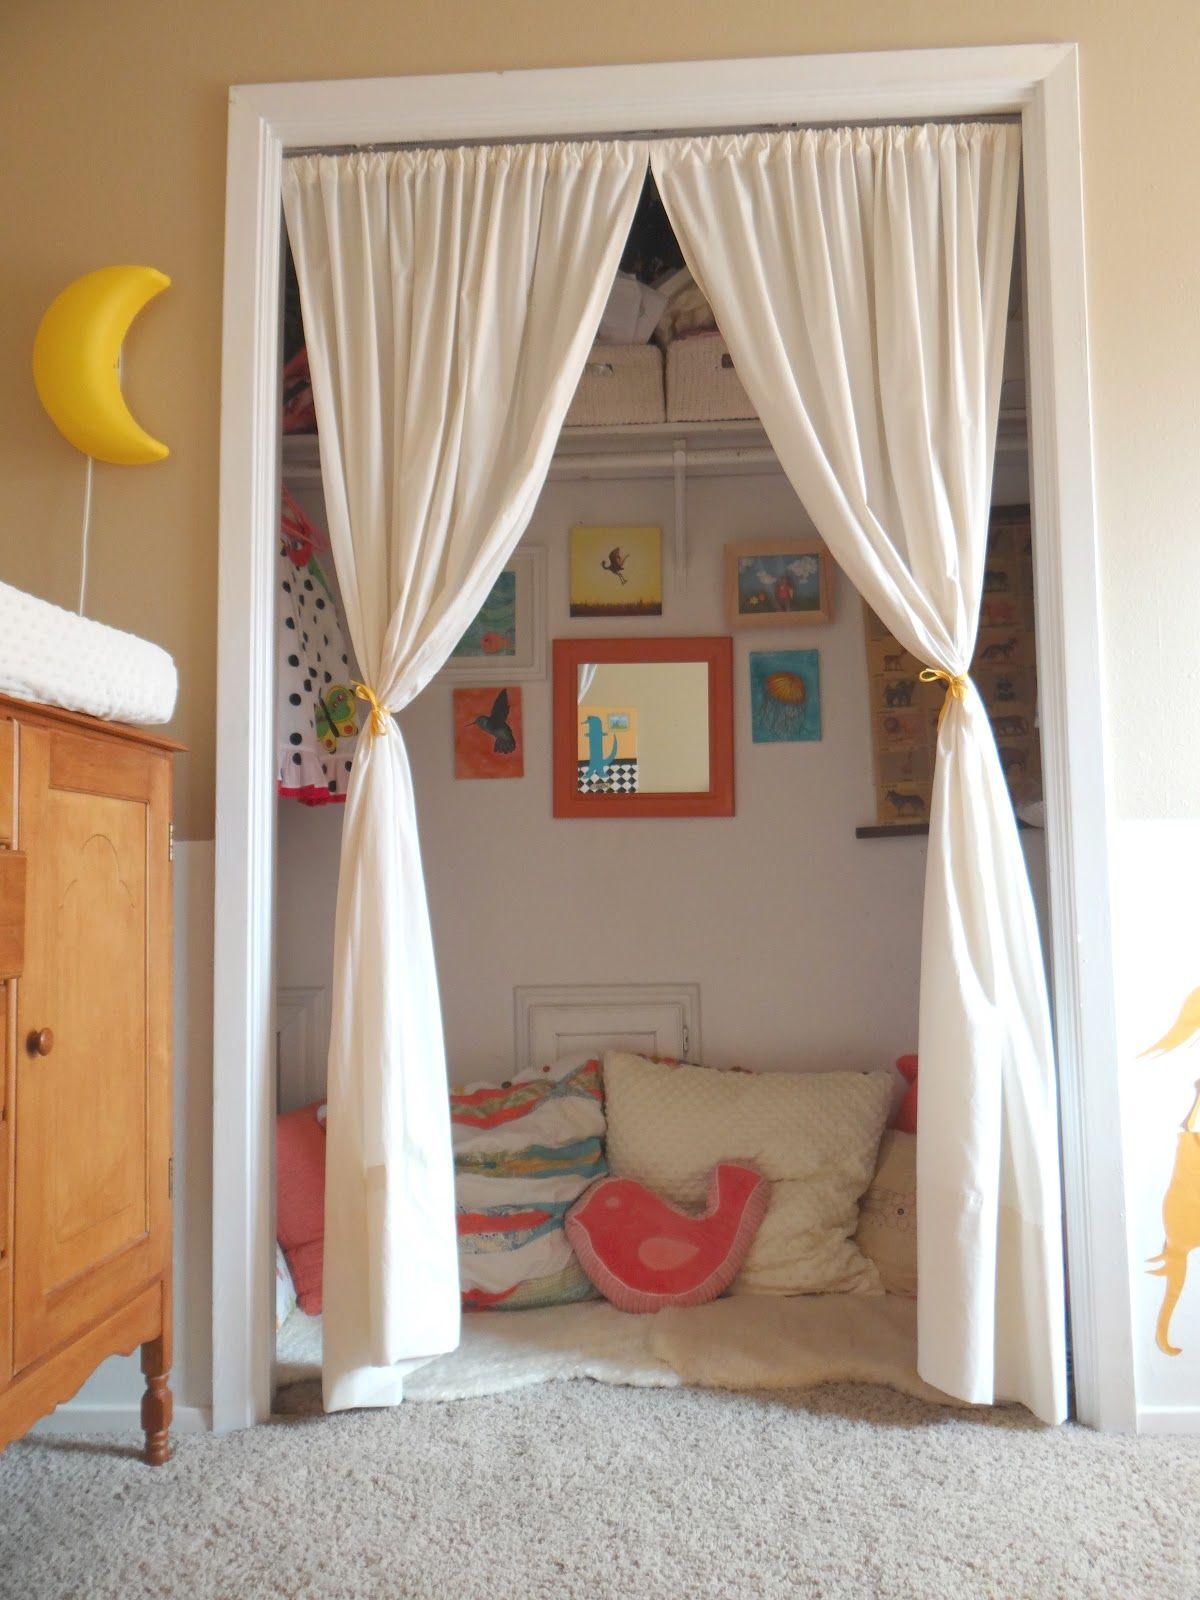 Closet curtains for kids - Closet Nook Closet Reading Nooks Kid Closet Closet Ideas Closet Space Spare Room Closet Family Closet Closet Curtains Closet Redo